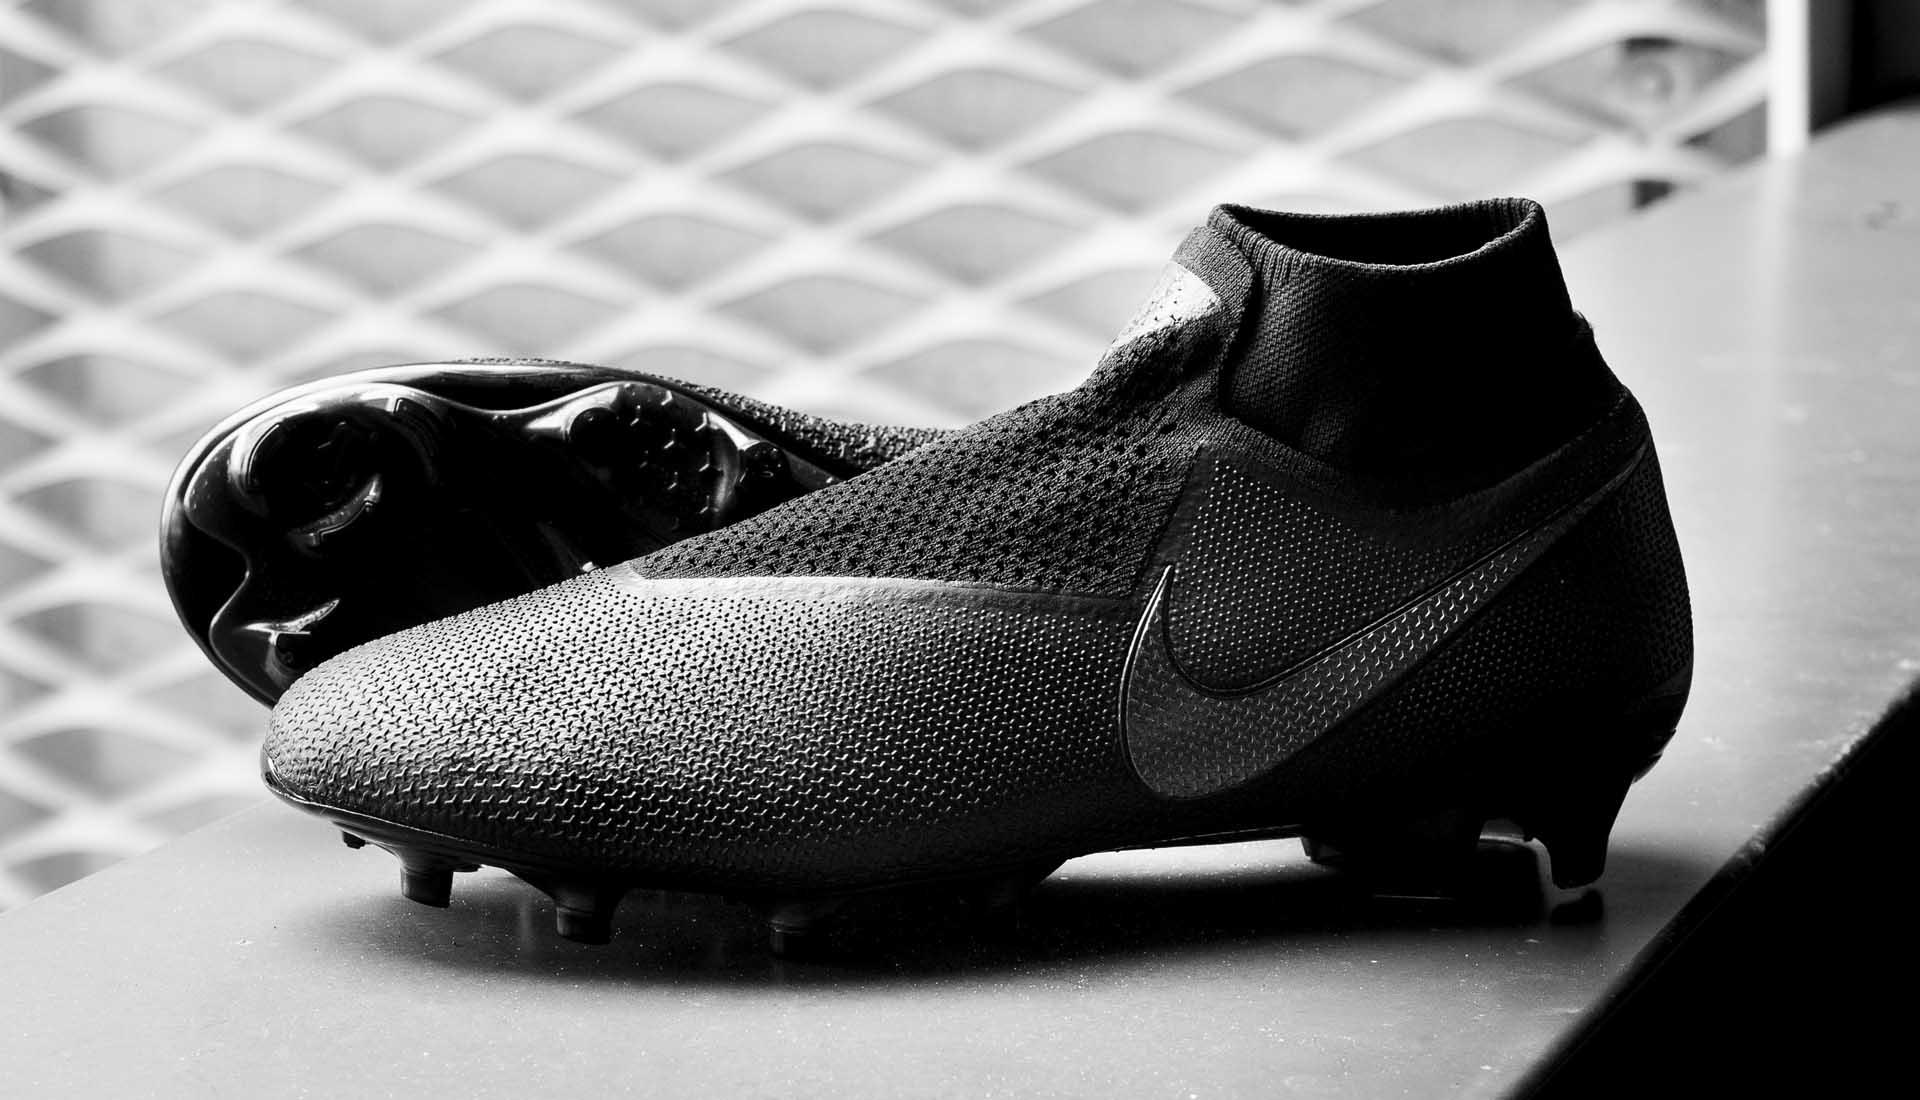 Zwarte Nike Phantom VSN voetbalschoenen 2018 201 Voetbal